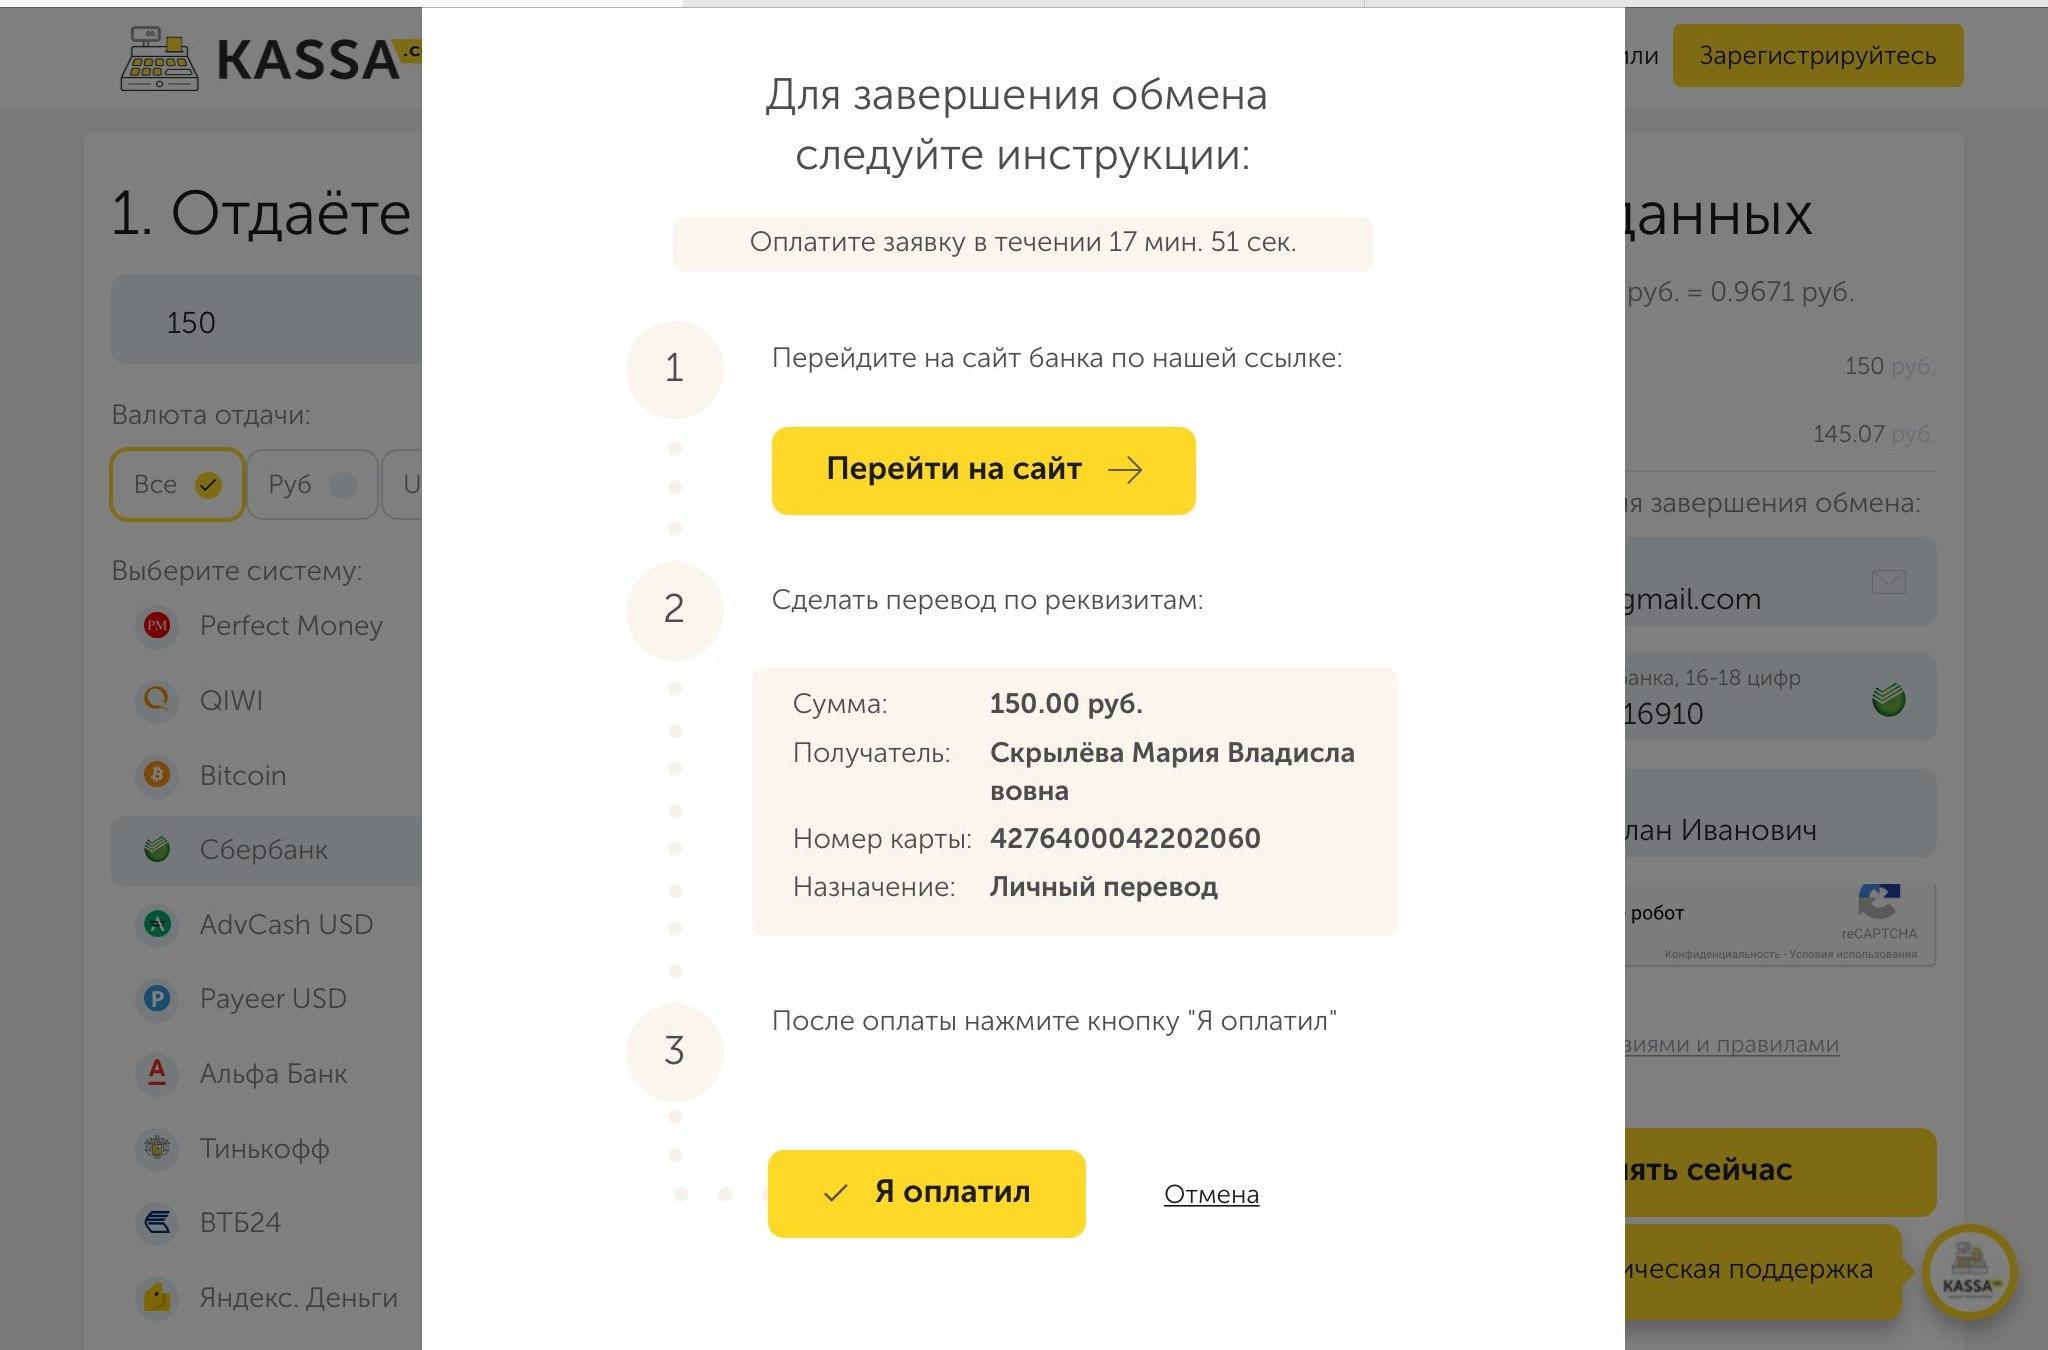 Kassa.cc - единый обмен валюты. Перевод с карты Сбербанка на BTC-e RUB